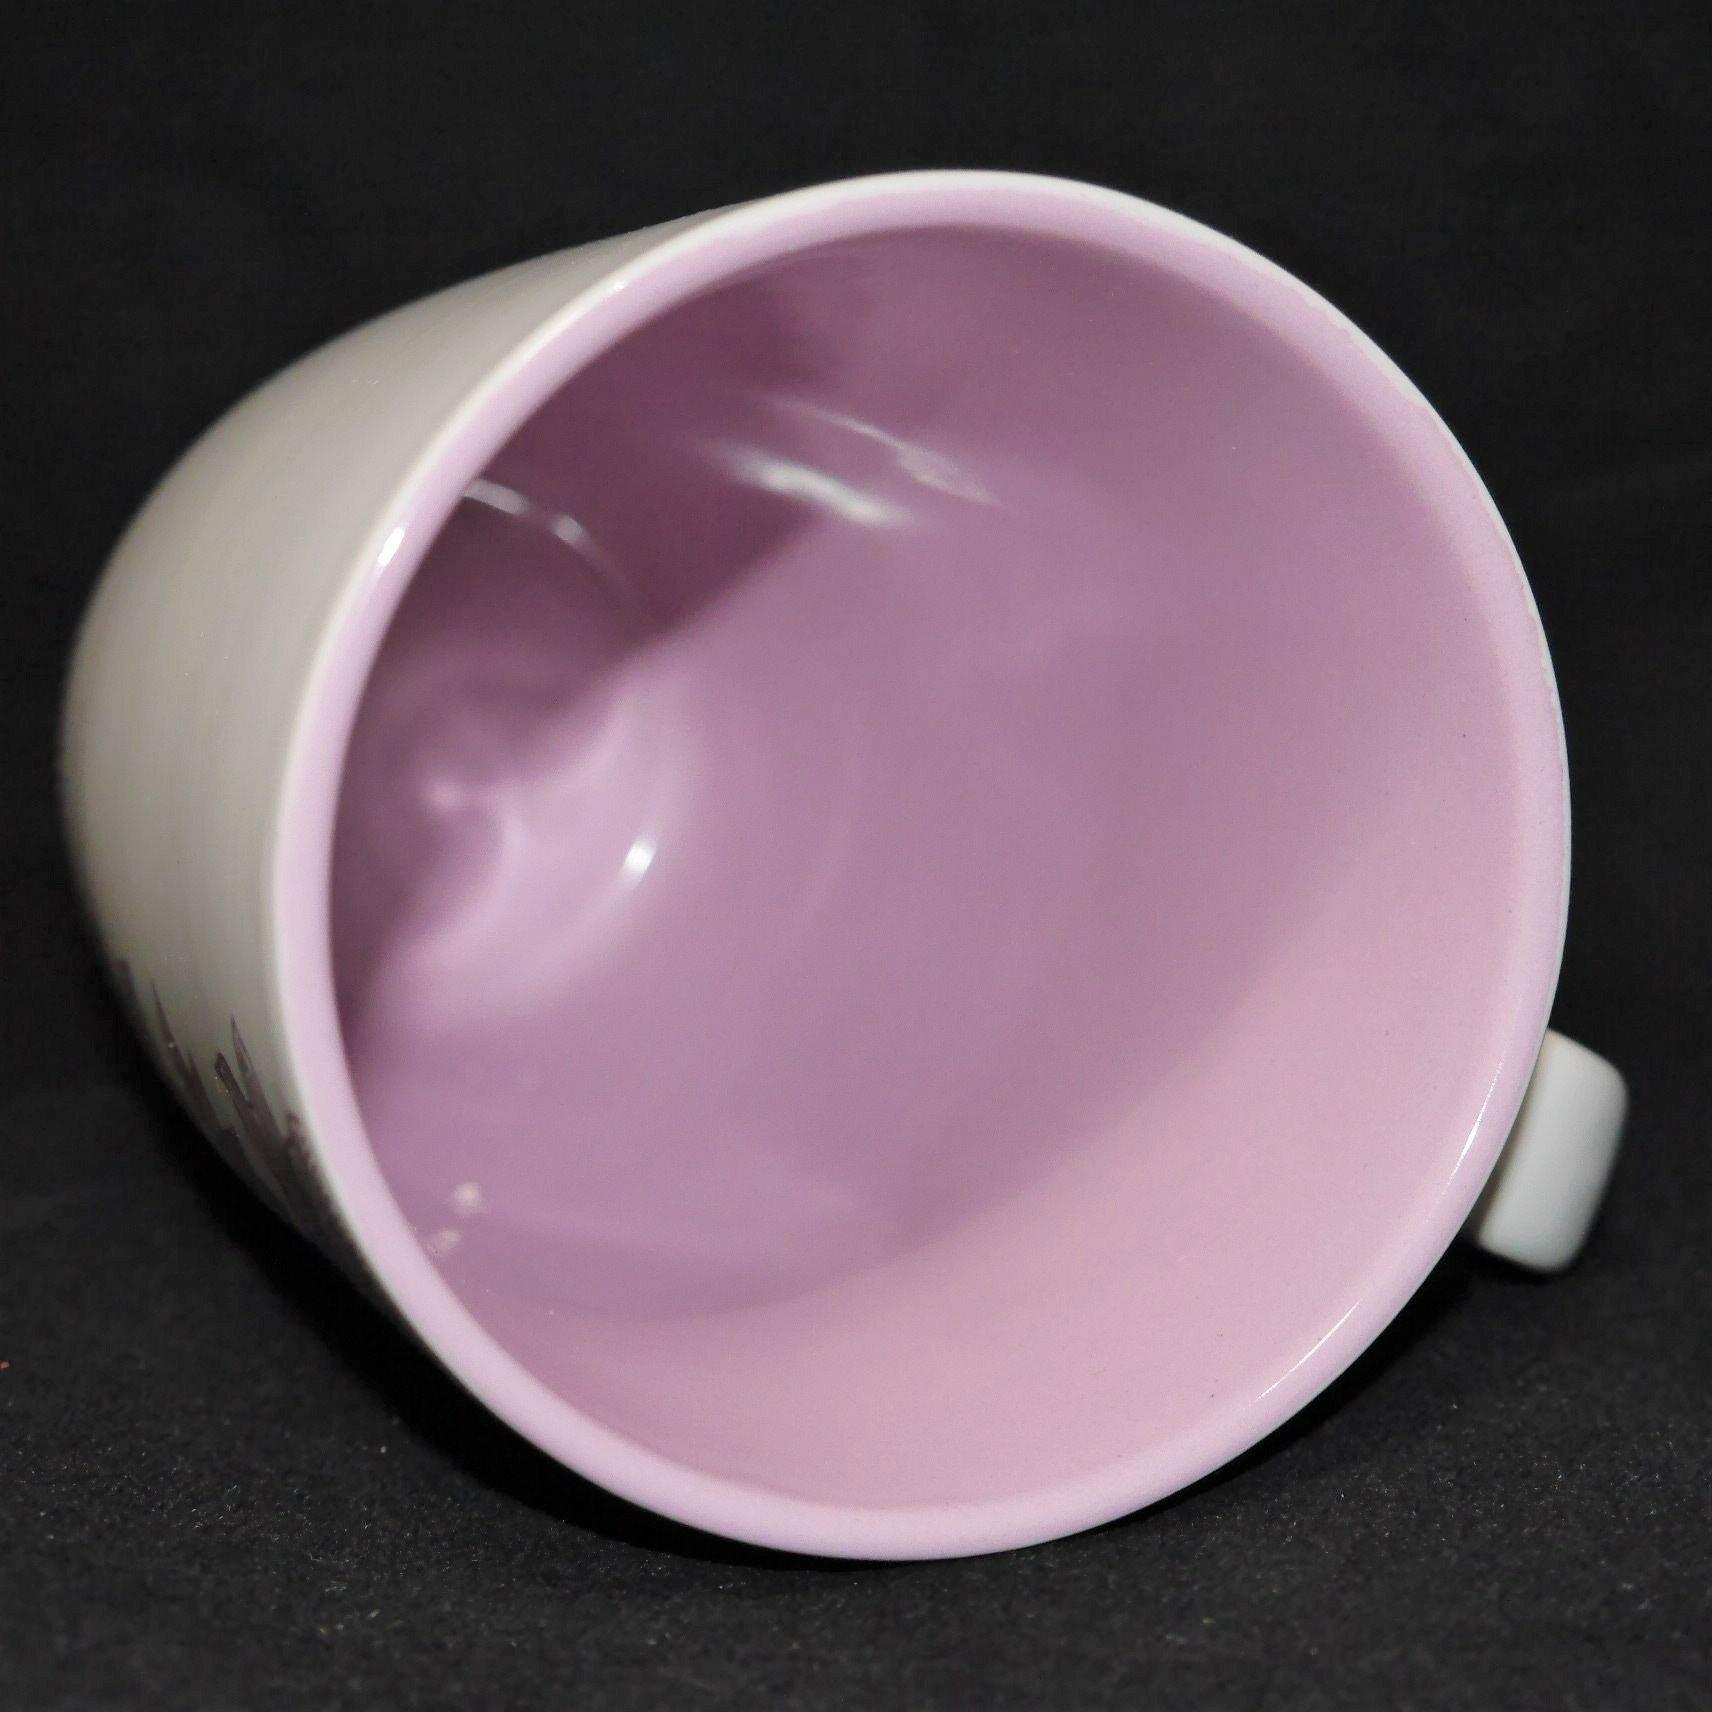 馬克杯紫色花草紋500ml【曉風】 3